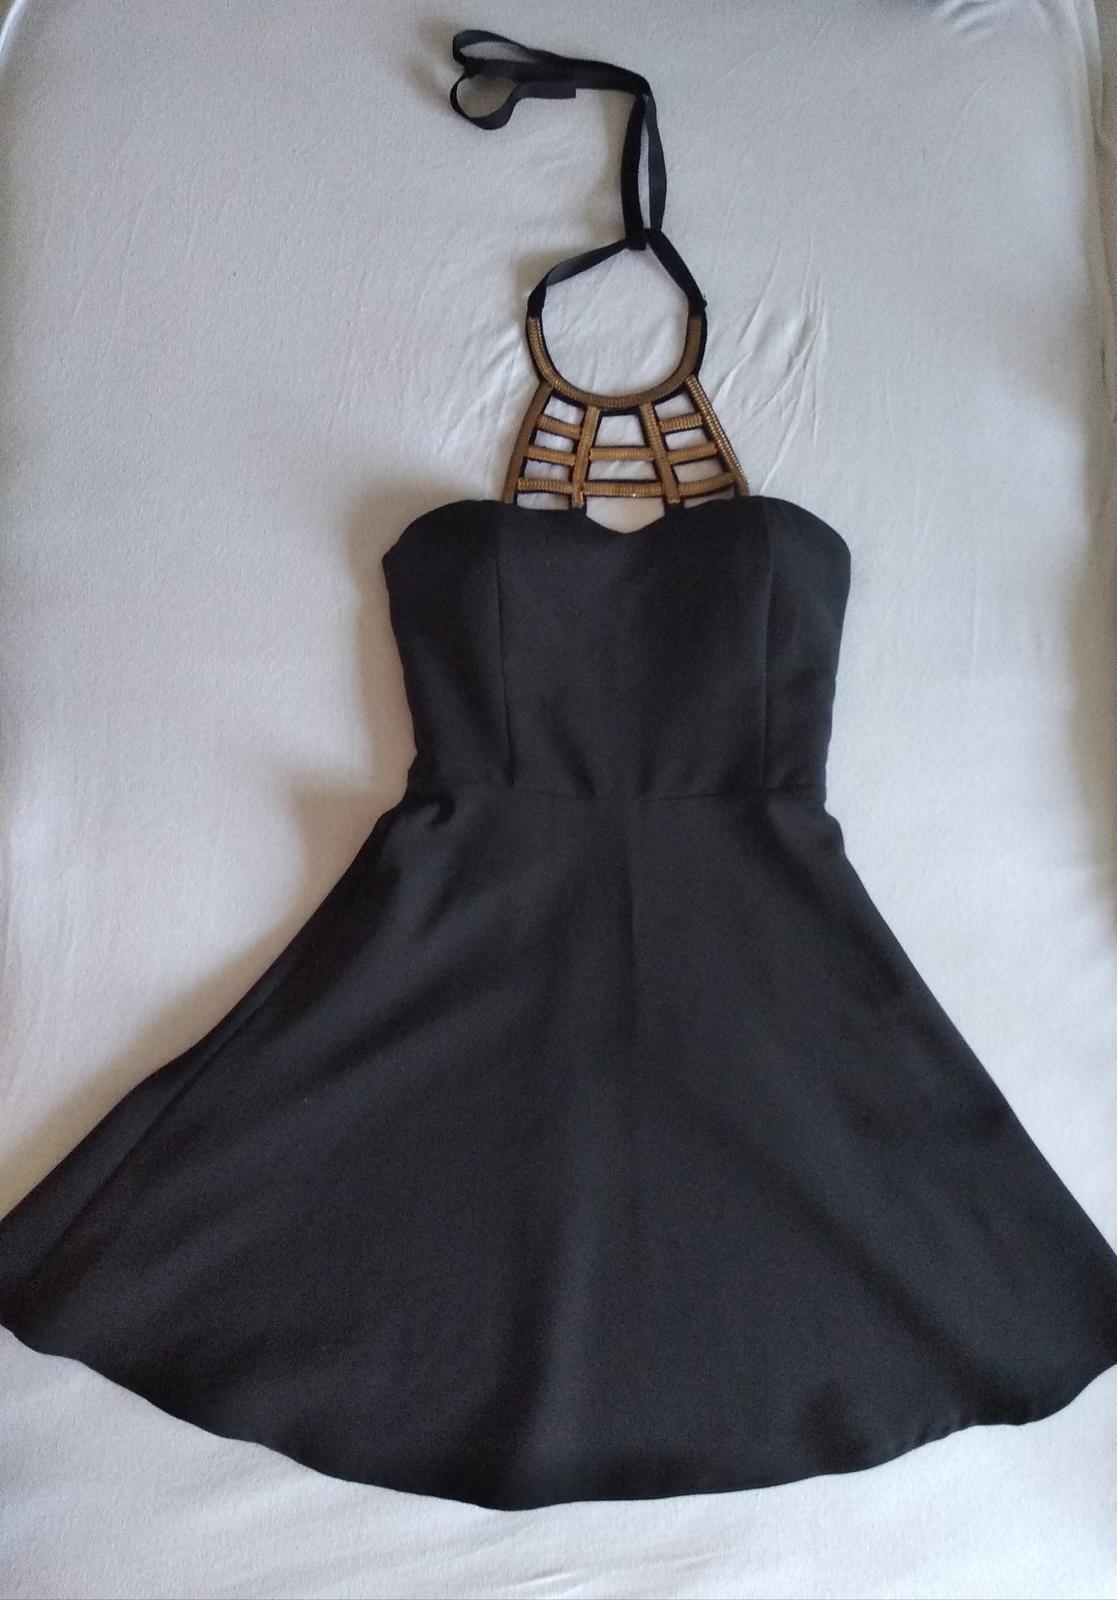 Krátke, koktejlové šaty - Obrázok č. 1